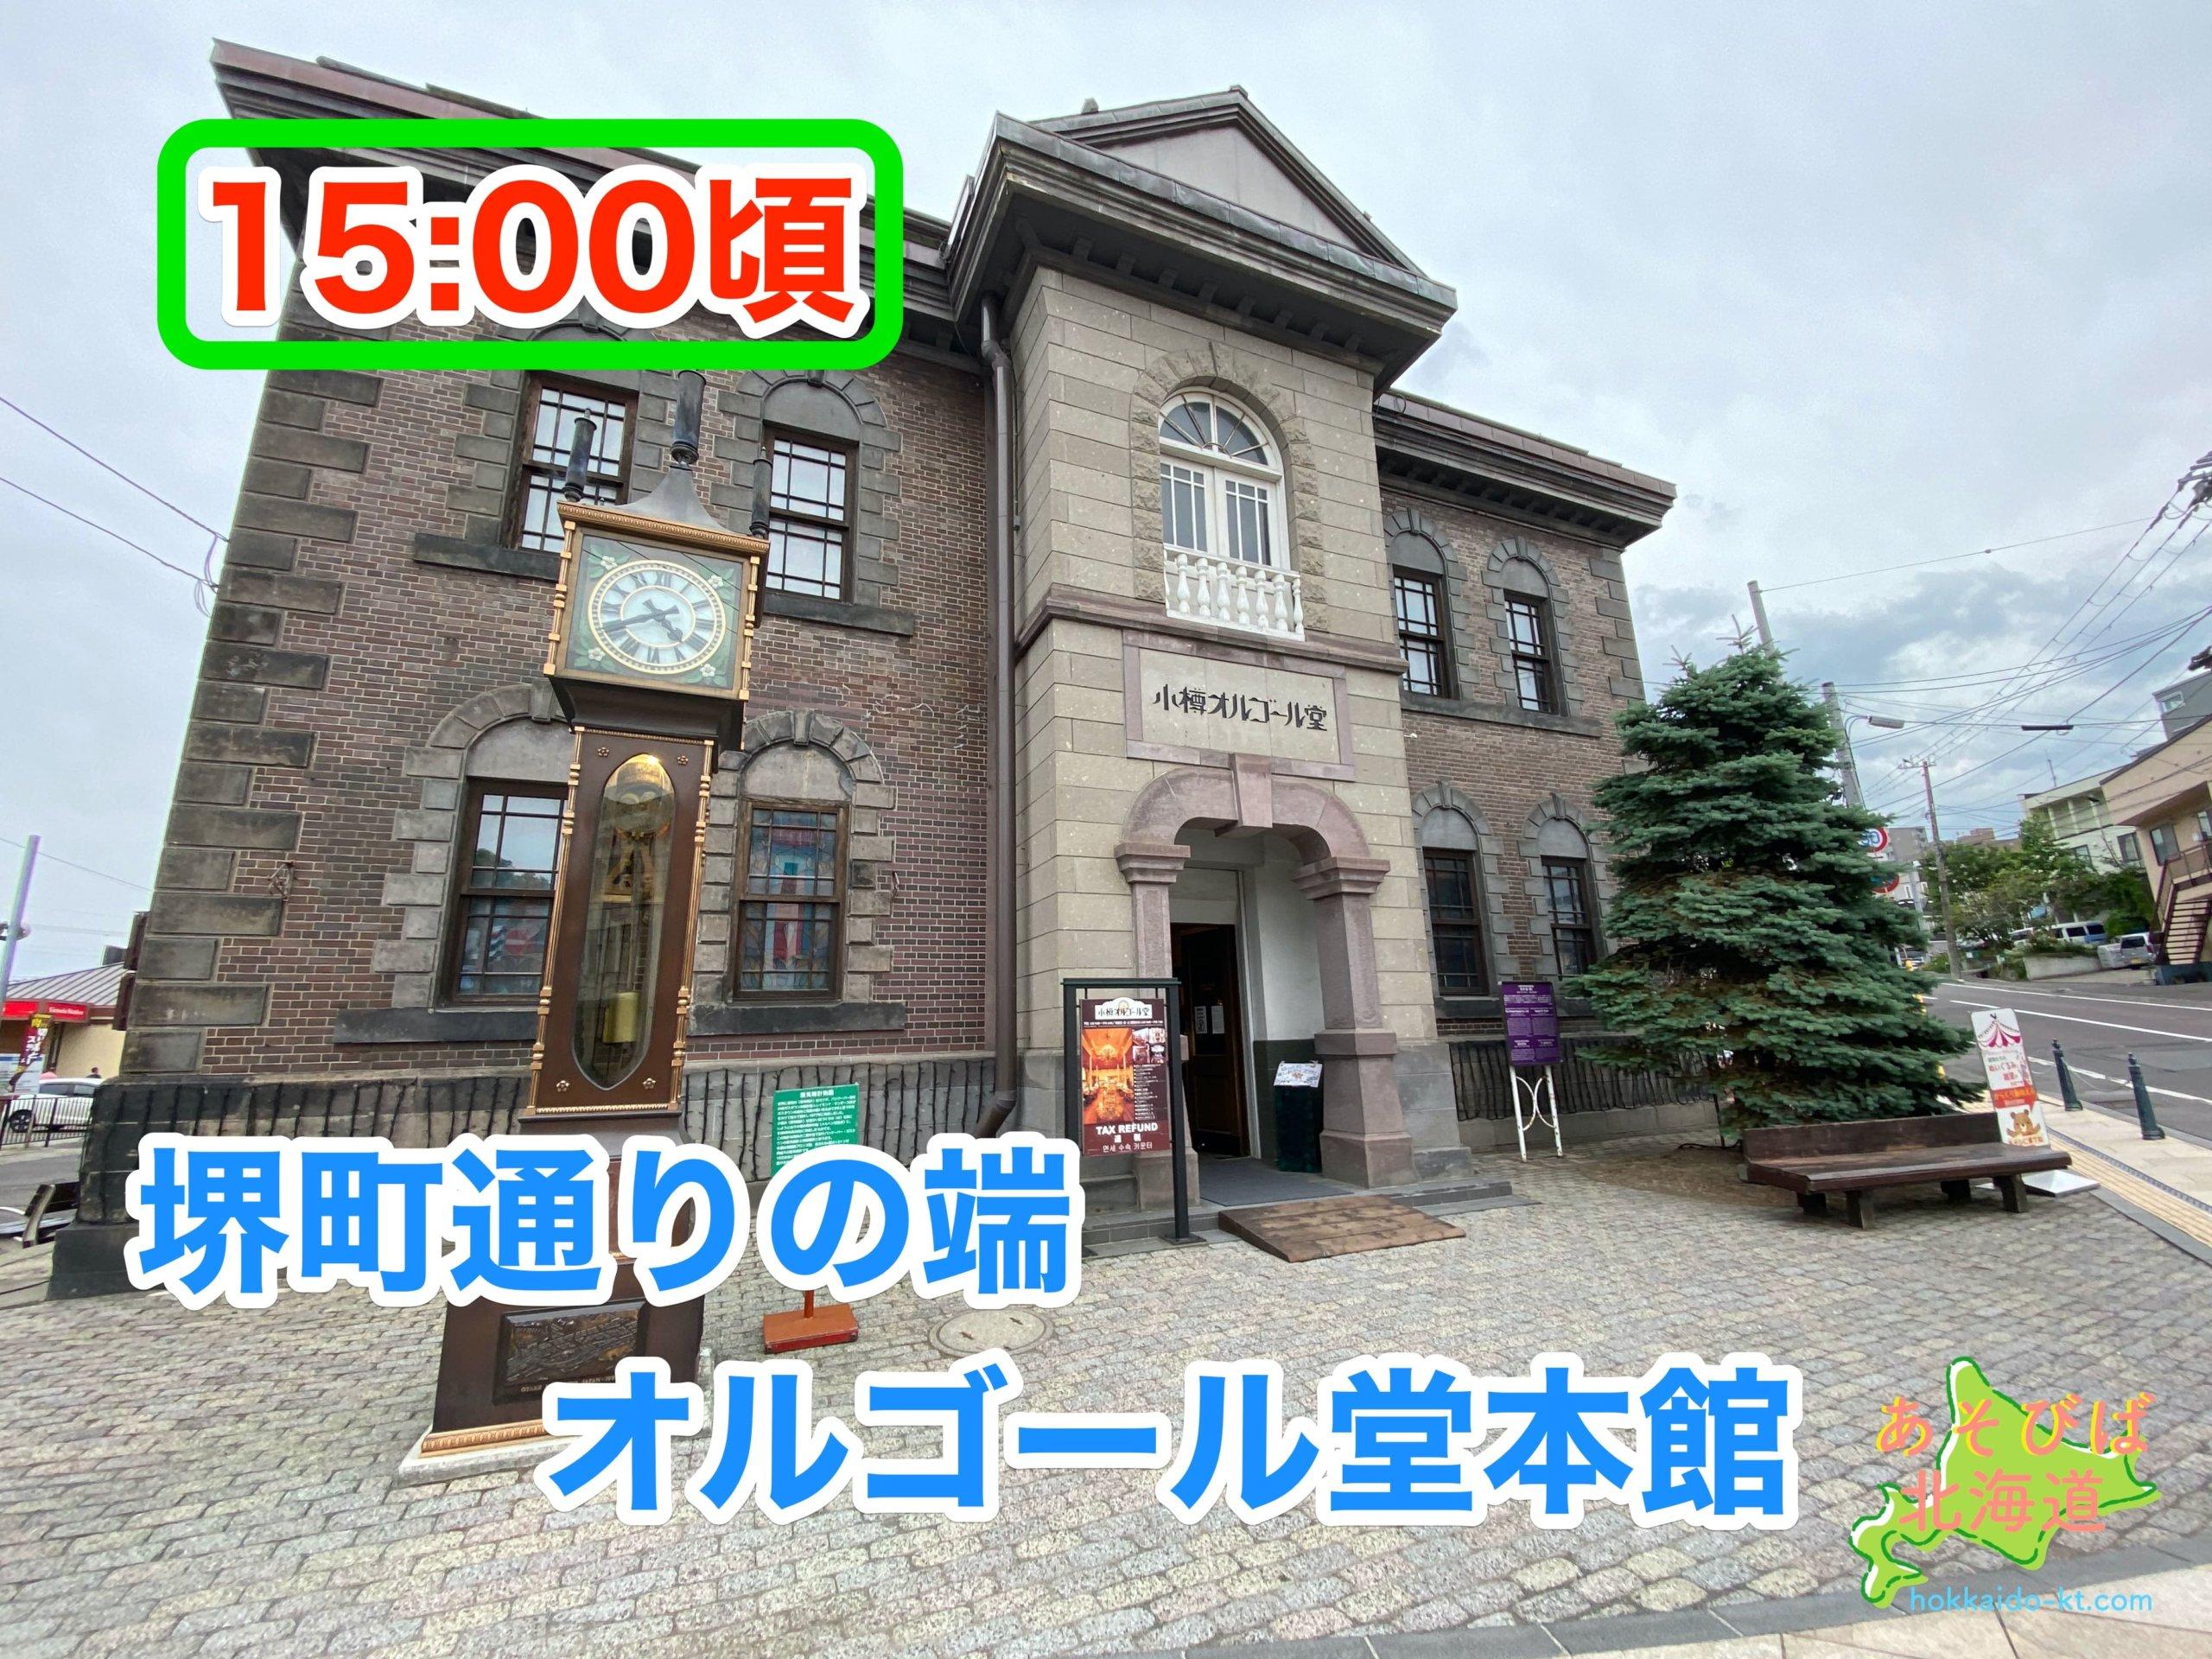 小樽半日モデルオルゴール堂